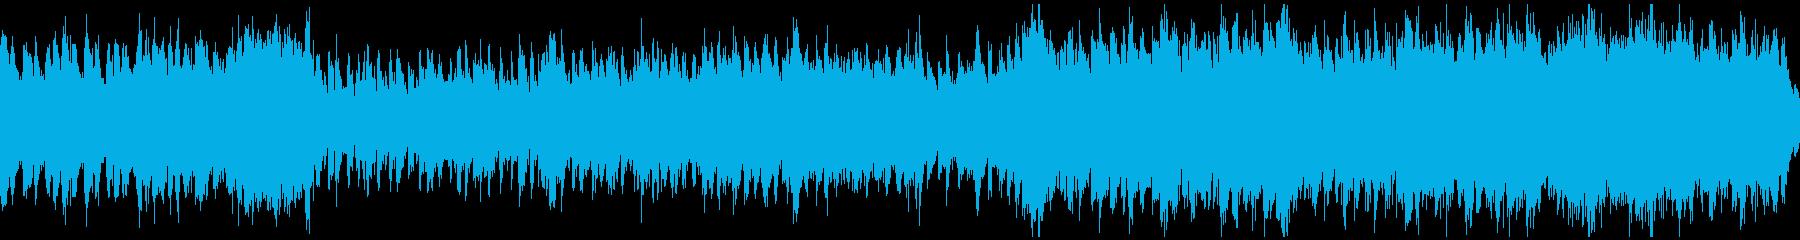 激しいドラマのオーケストラ曲(ループ)の再生済みの波形